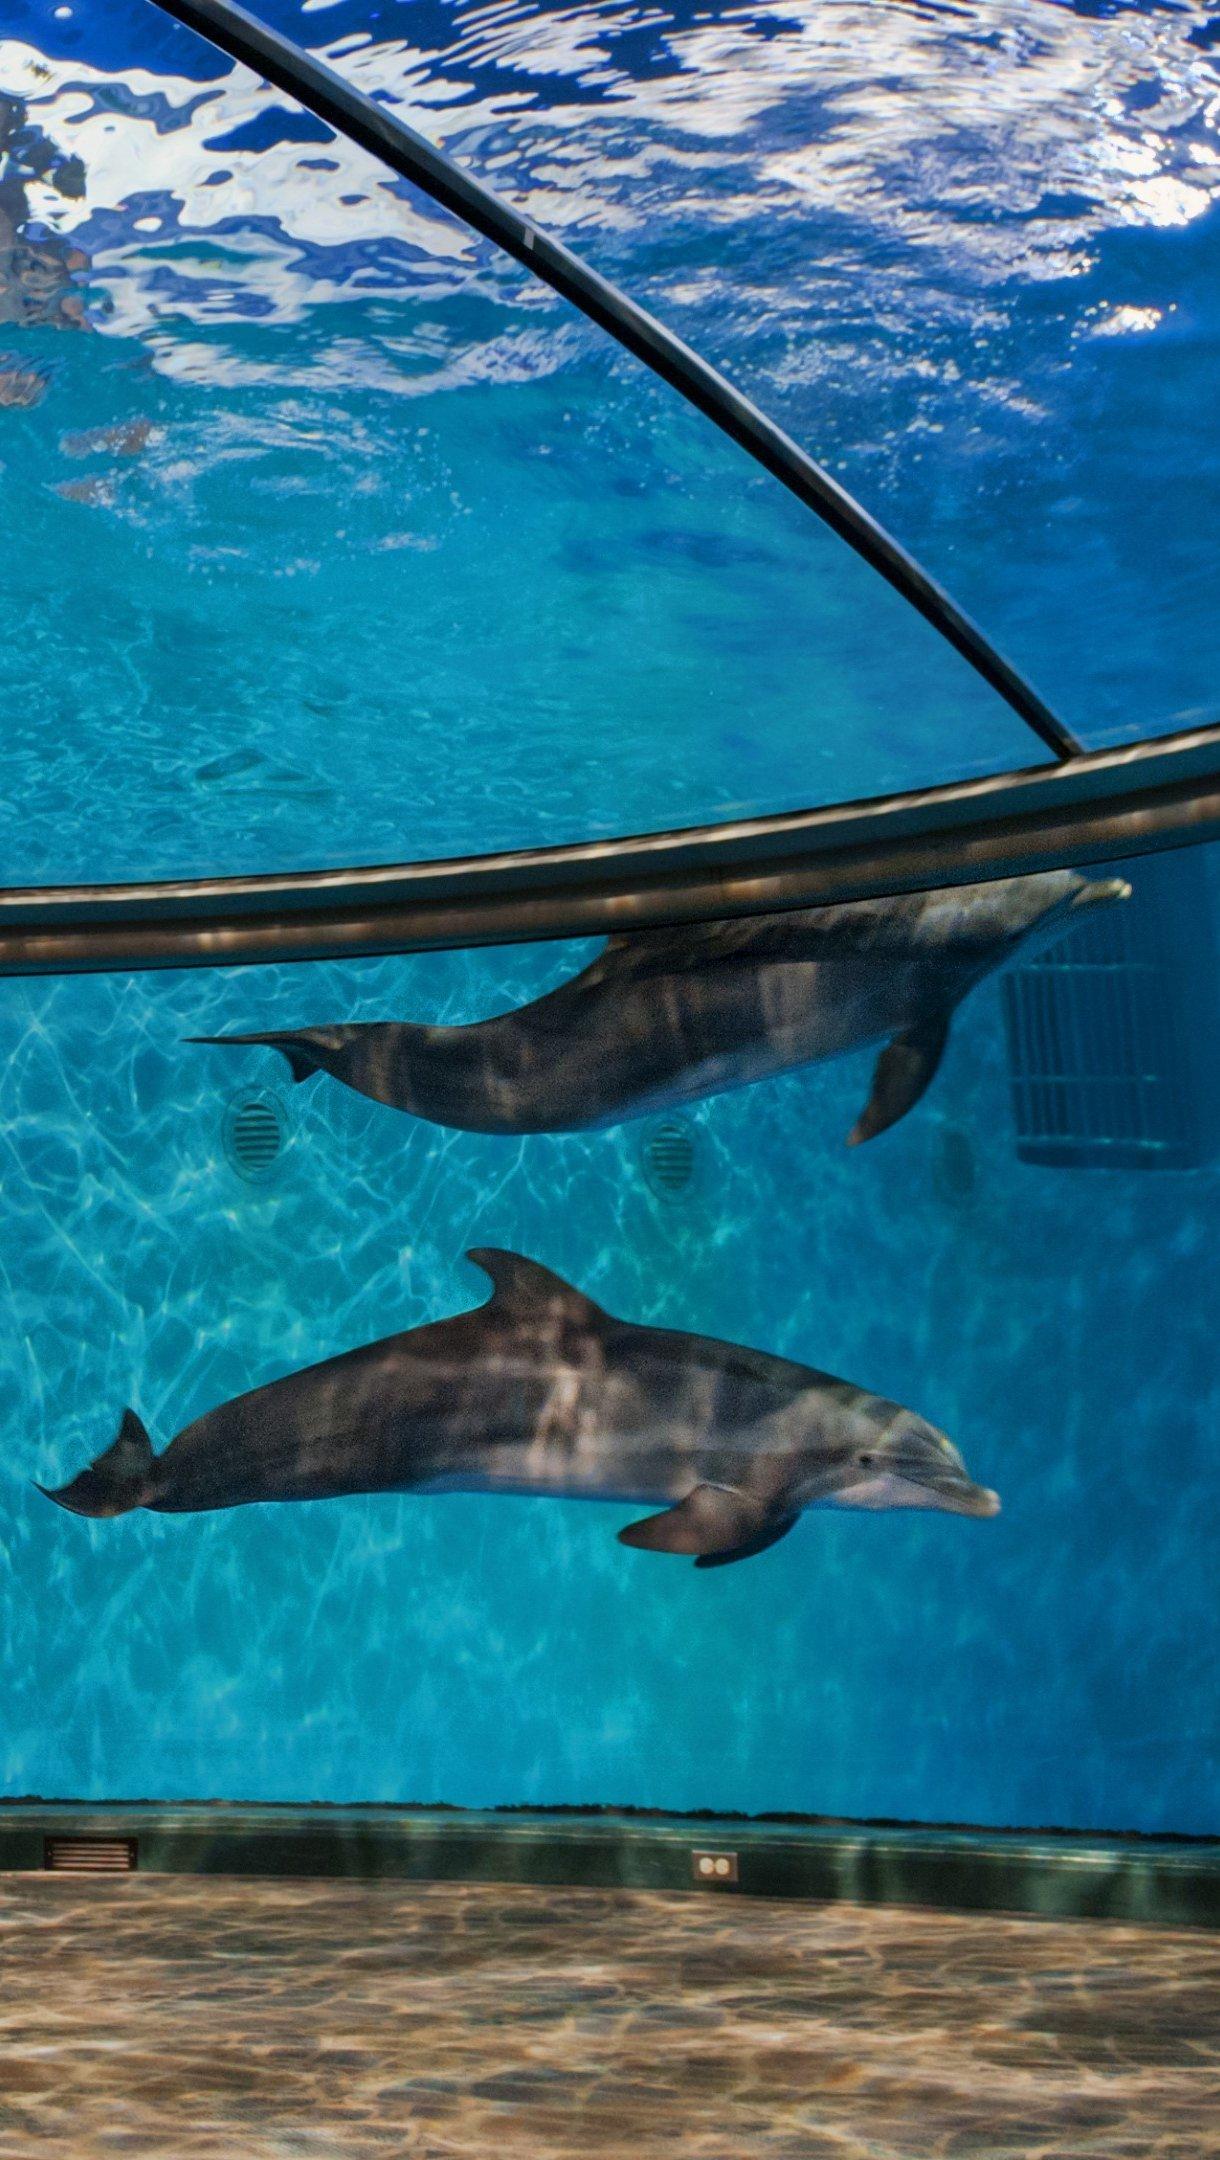 Fondos de pantalla Delfines del zoológico de Indianapolis Vertical